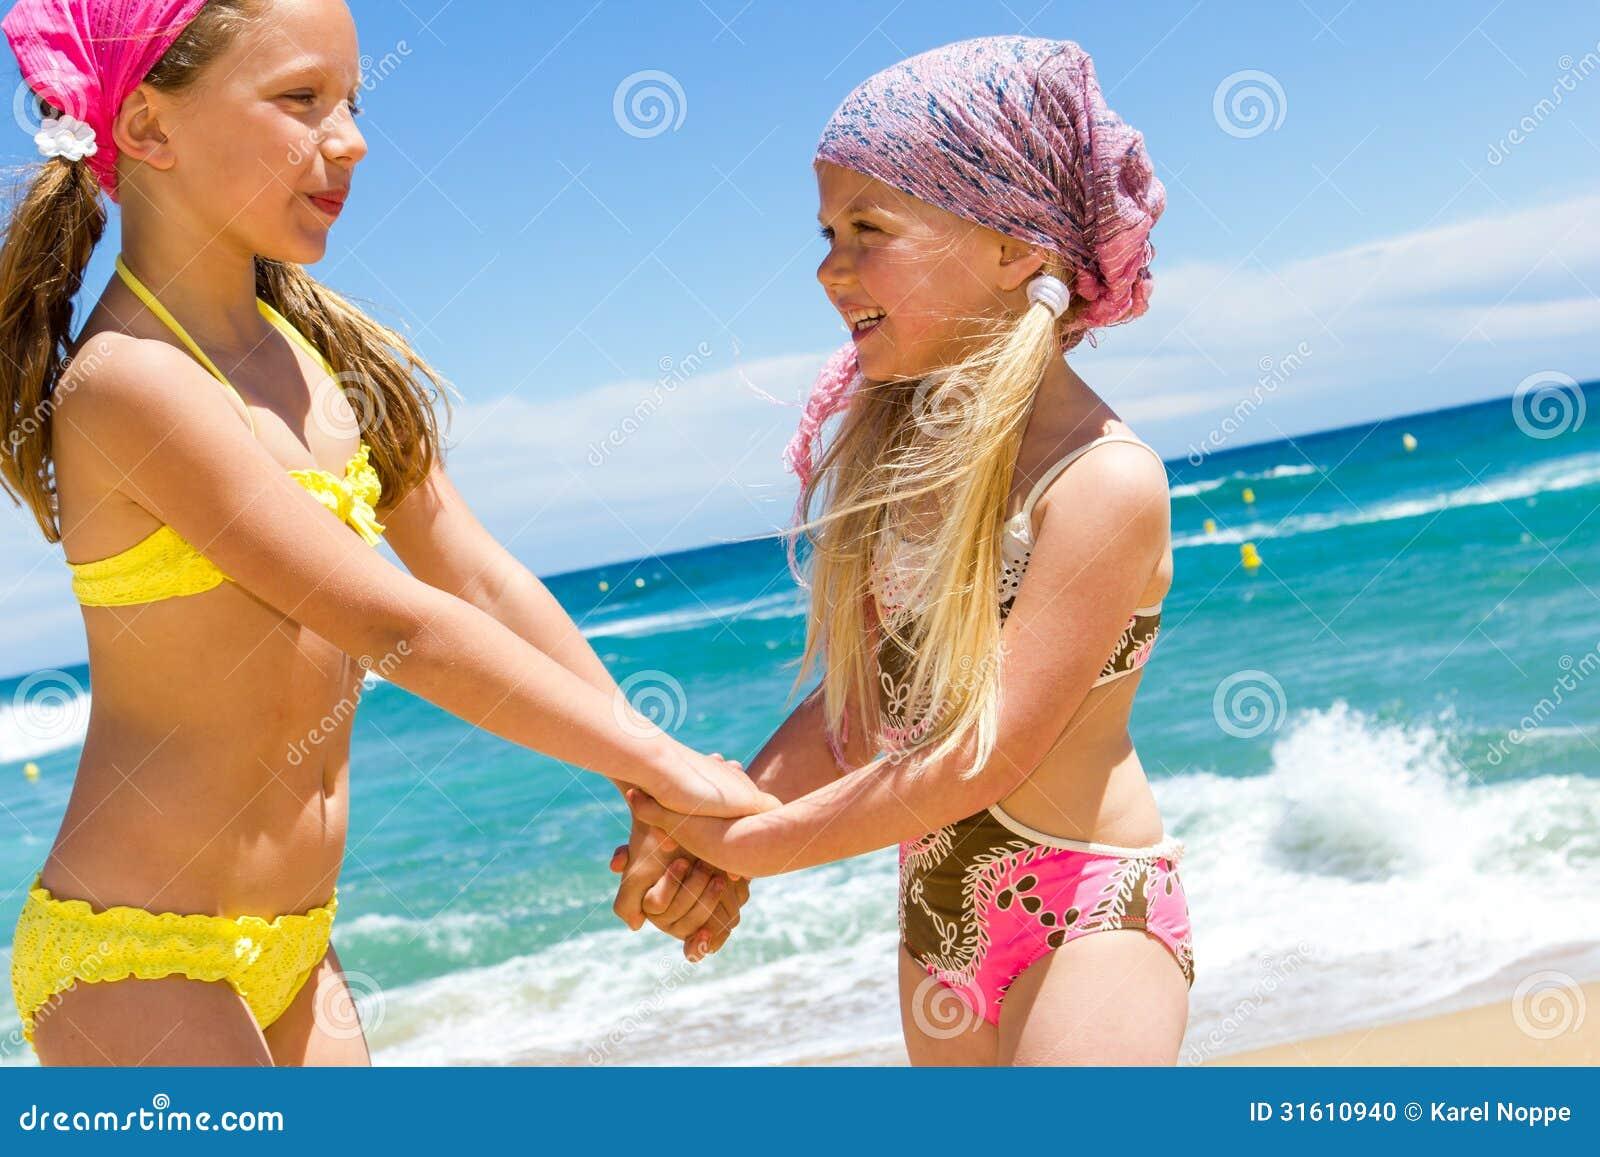 Costumi Da Bagno Per Bambini : Bambini felici nei costumi da bagno sulla spiaggia. fotografia stock